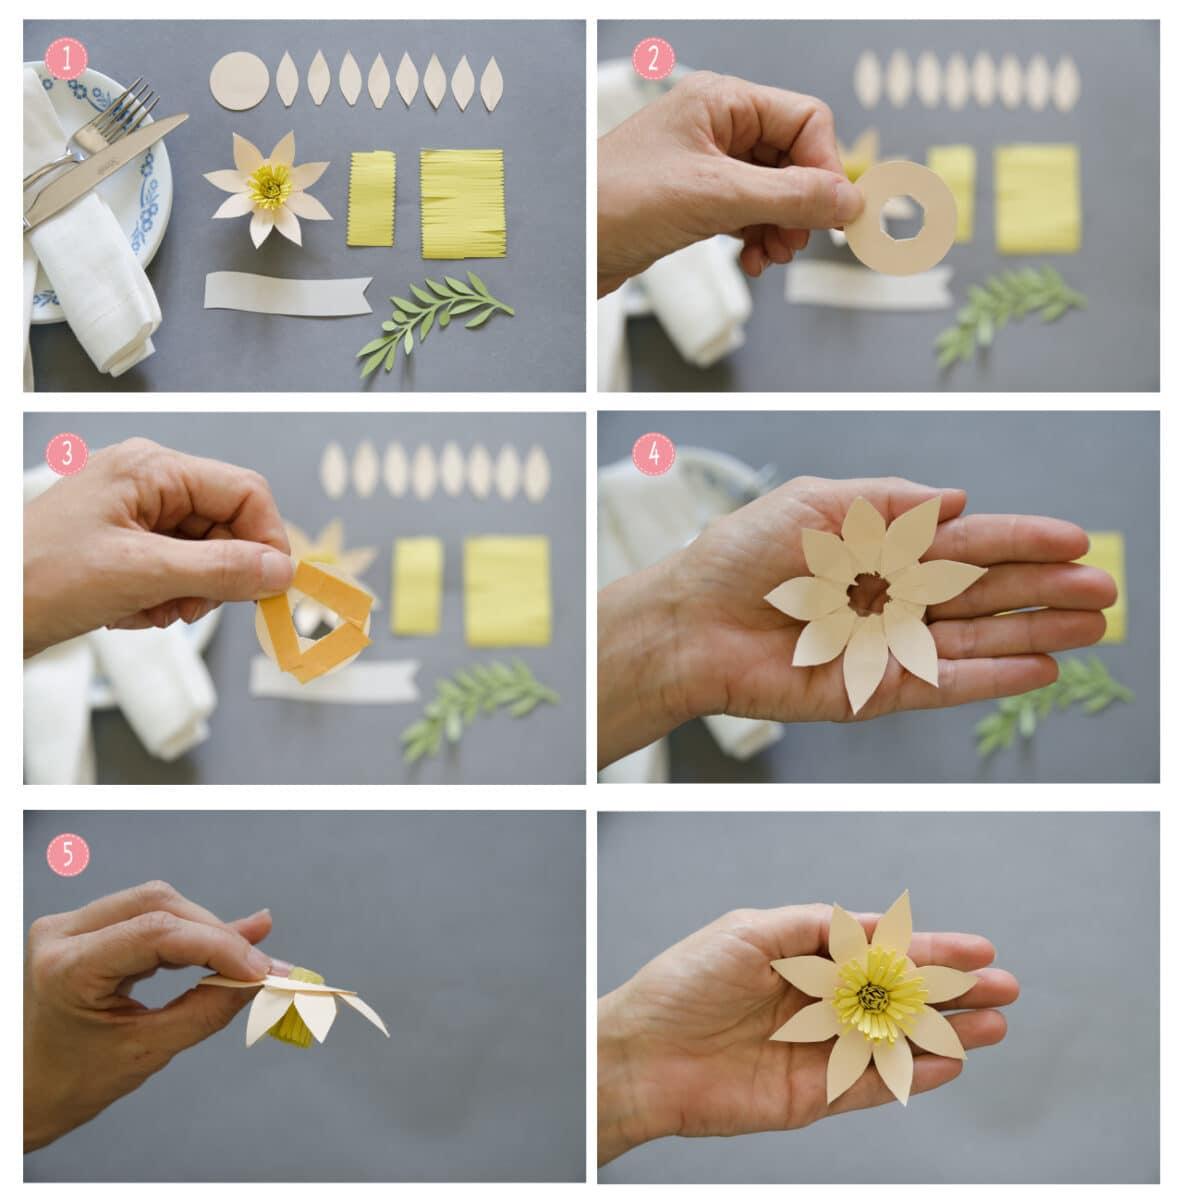 השלבים להכנת נרקיסים מנייר